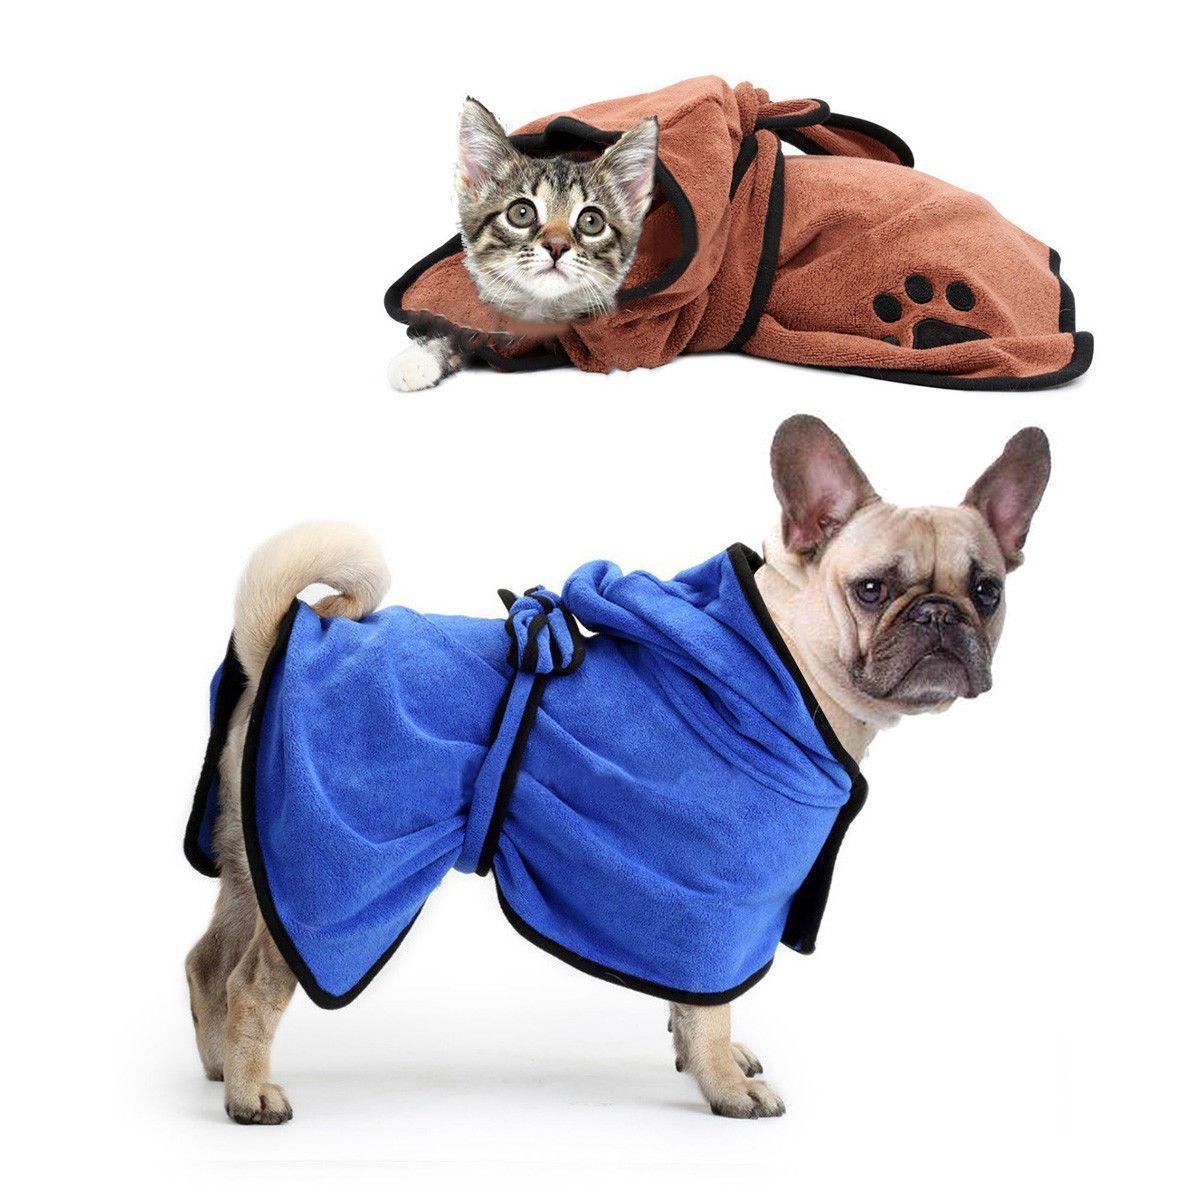 f643fa017f25f Pet собака кошка купальный халат сушки полотенце мягкий быстросохнущие  полотенце из микрофибры Лапа печати сушки ткань с капюшоном